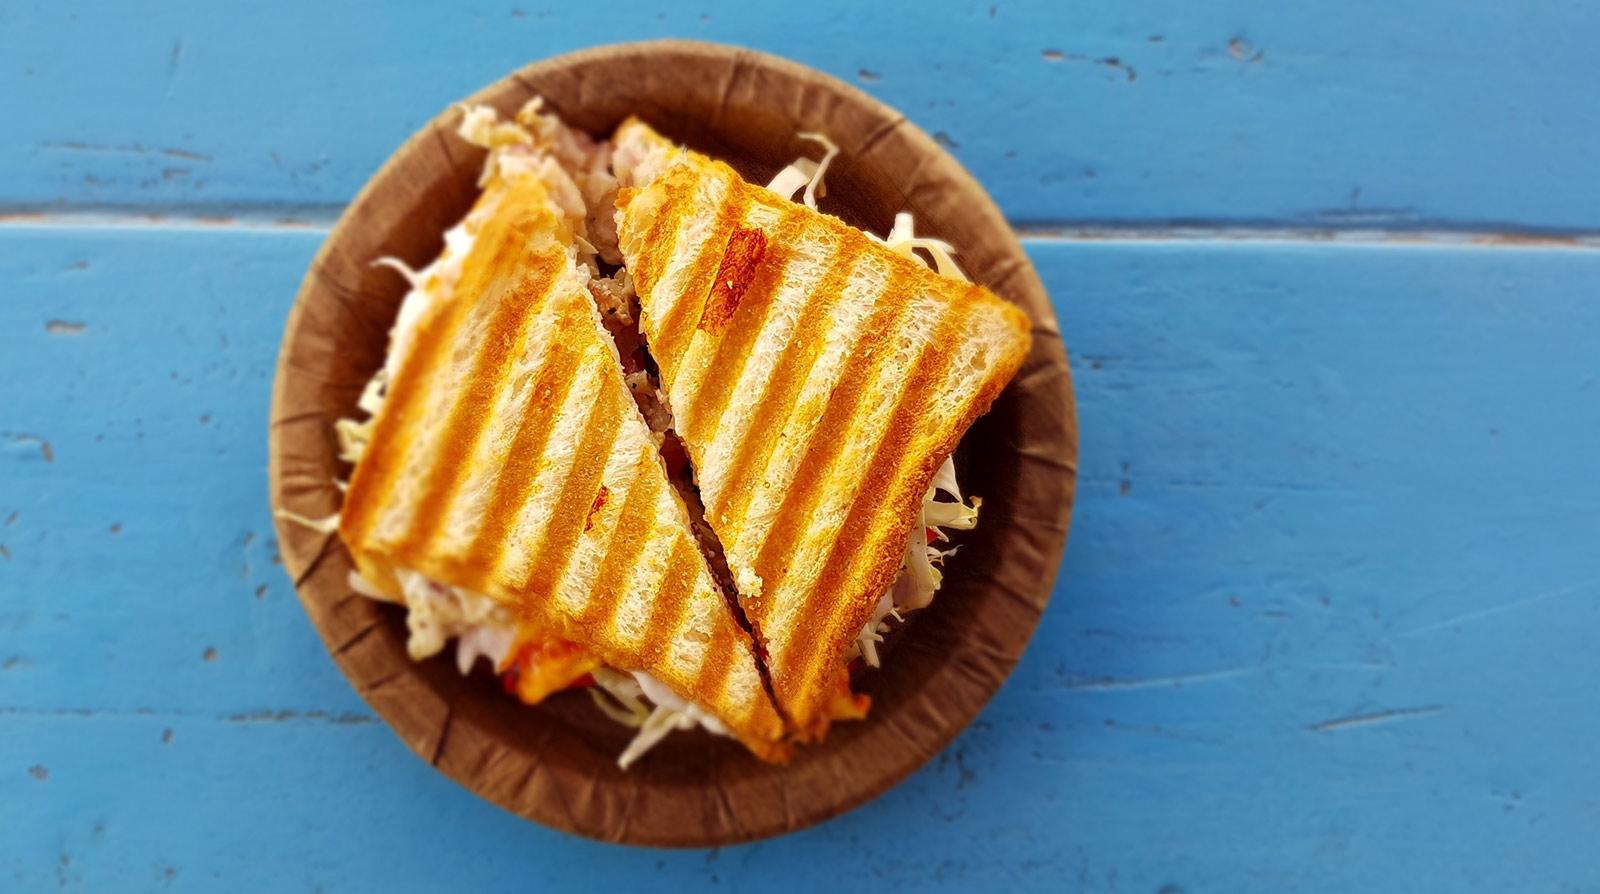 Gör din bästa veganska grillade ostmacka någonsin. Foto: Asnim Ansari / Unsplash